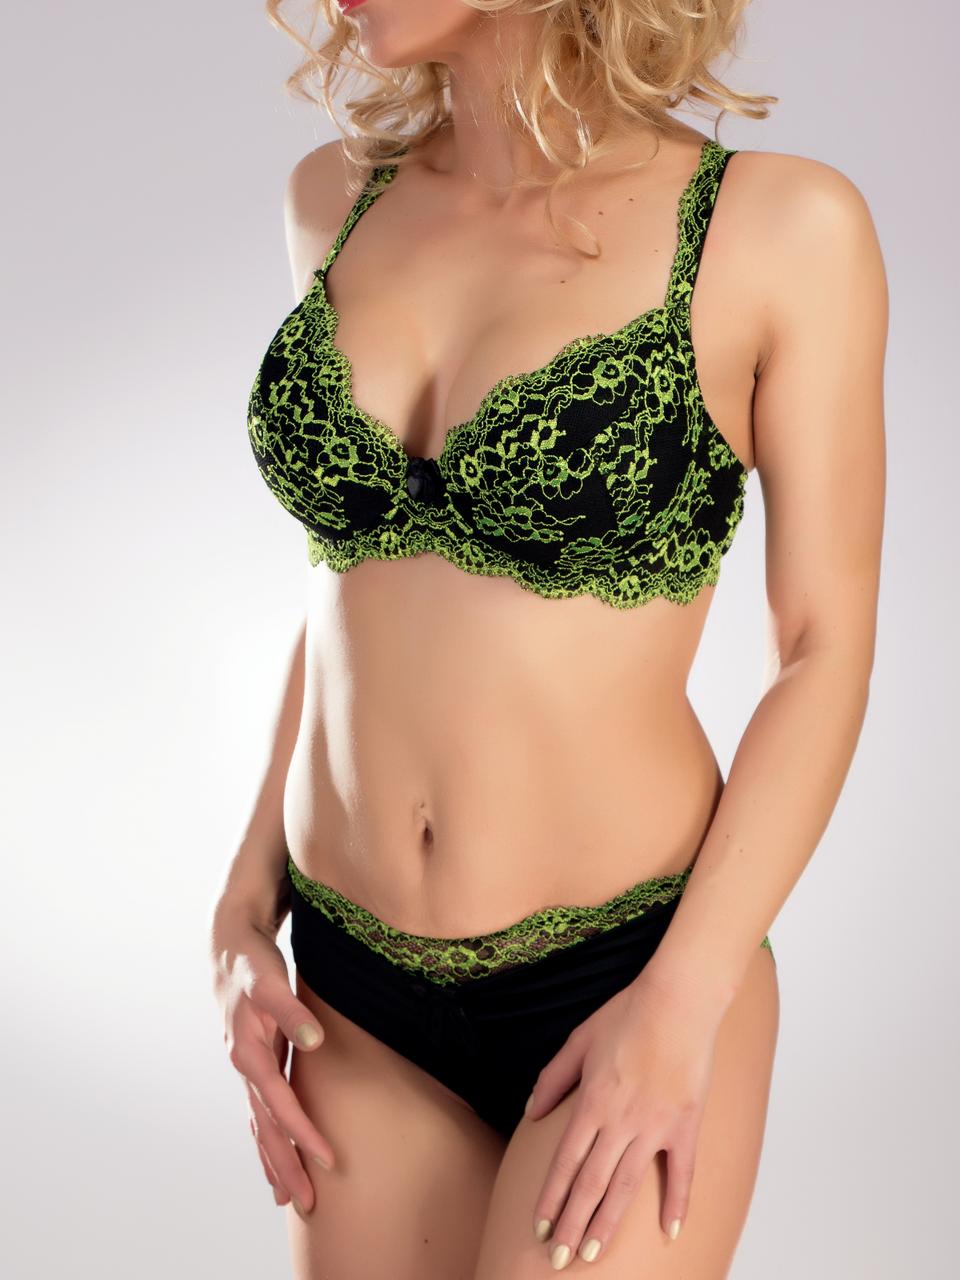 Комплект женского нижнего белья Acousma A6432D-P6432H, цвет Черно-Зеленый, размер 85D-XL